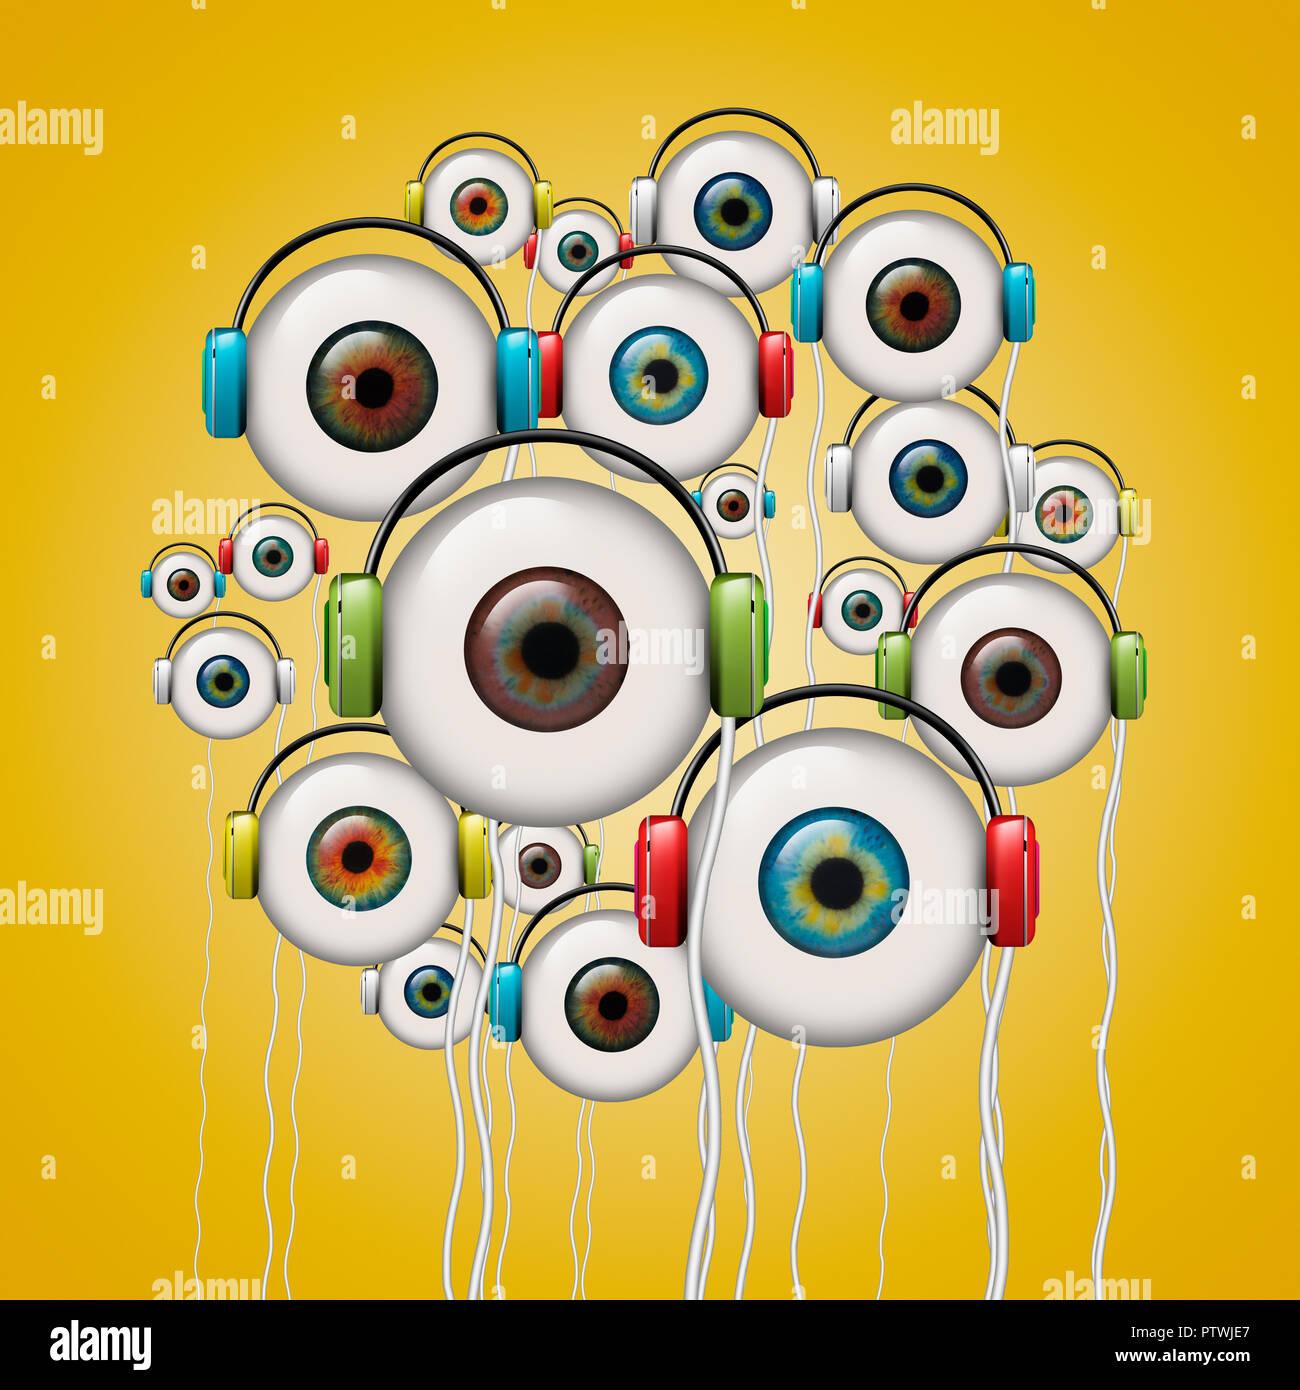 Los globos oculares con auriculares, imagen digital Imagen De Stock